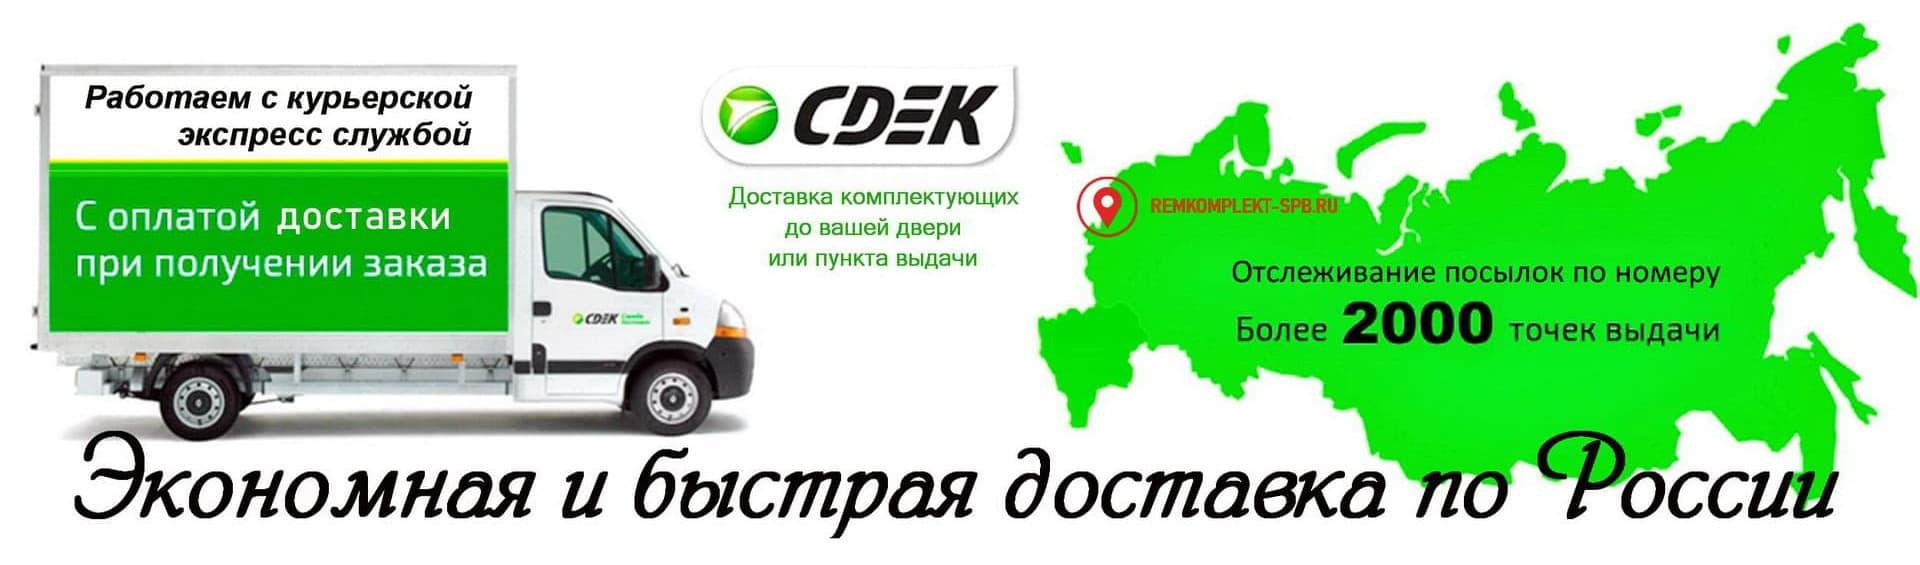 Доставка запчастей для кофемашин по Санкт-Петербургу и России